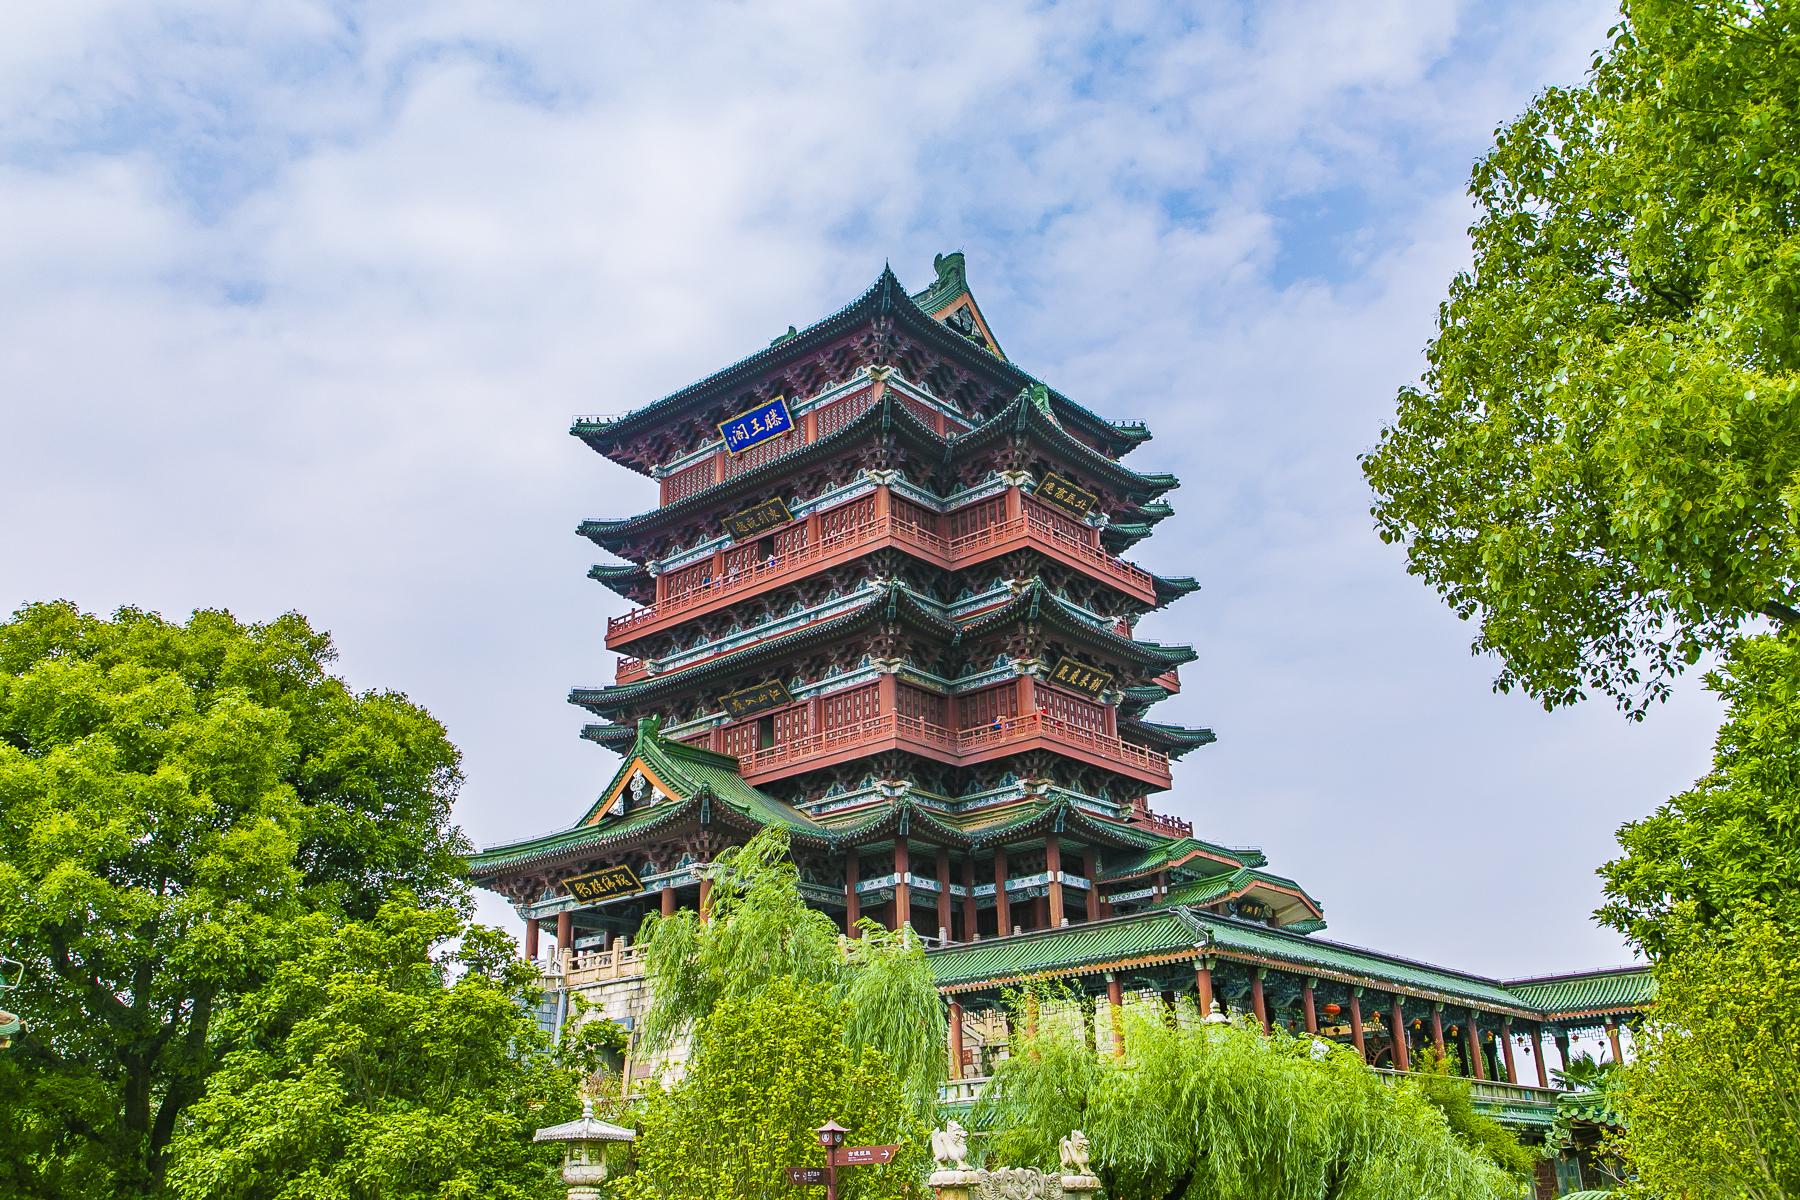 重建29次早已不在原址,号称江南三大名楼的滕王阁,竟是假的!